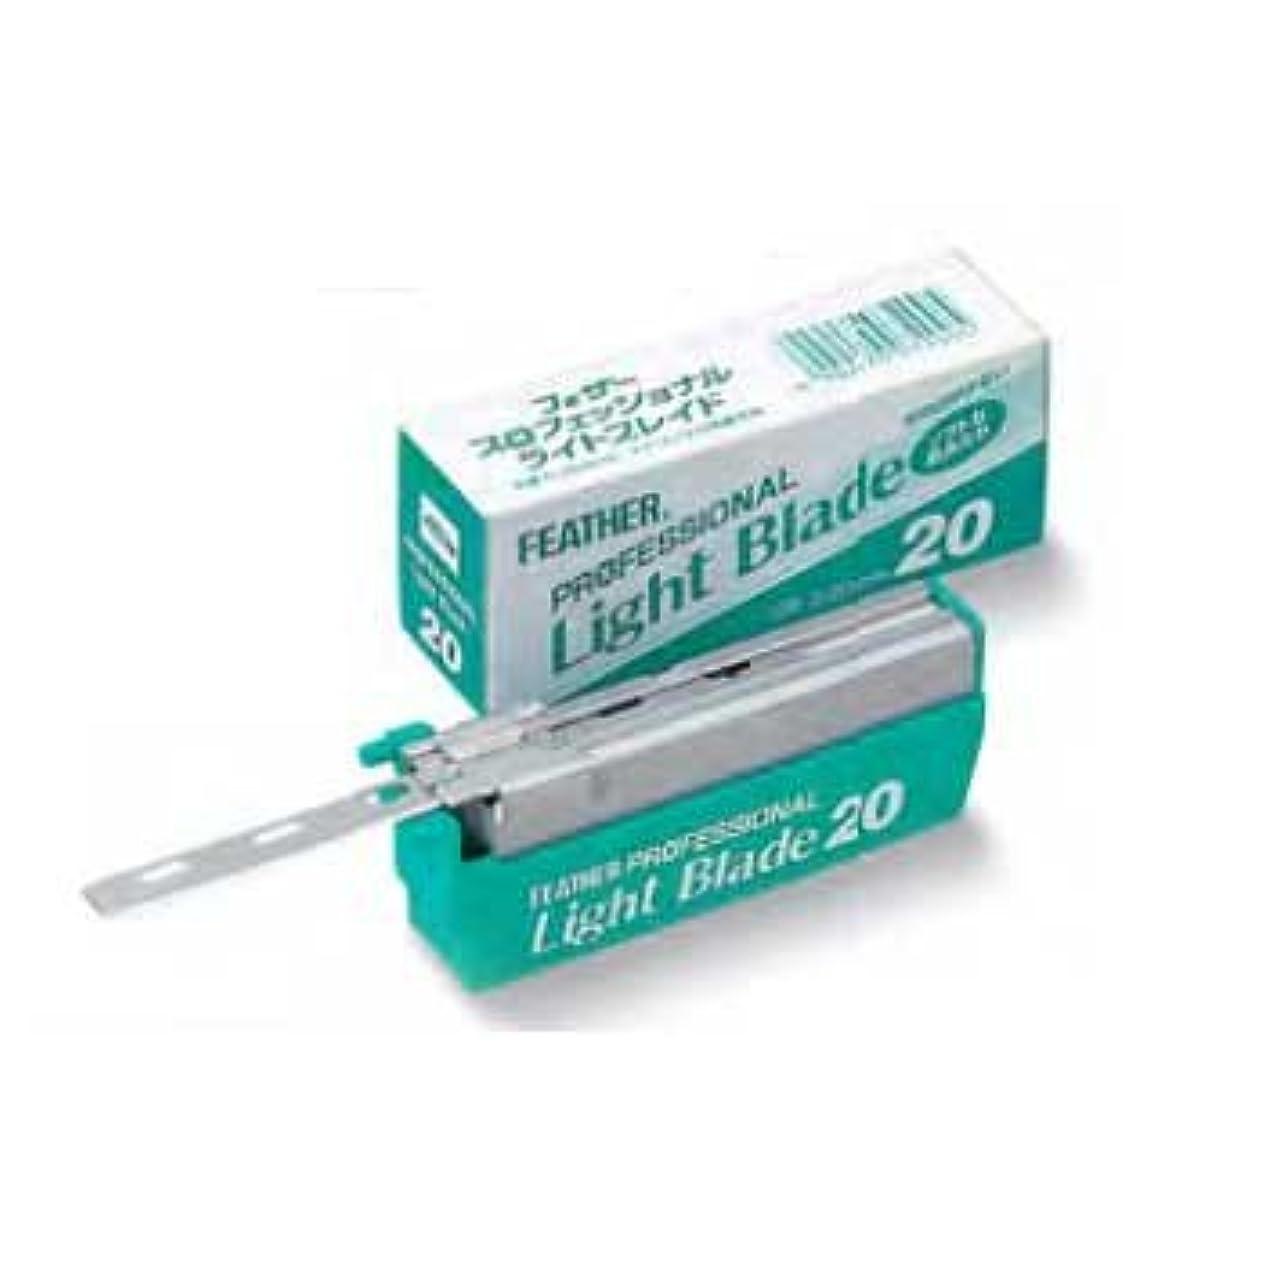 スチール特派員窒息させるフェザー プロフェッショナル ライトブレイド PL-20 20枚×10 替刃 刃の出が少ないソフトな肌当たり FEATHER アーティストクラブ用替刃